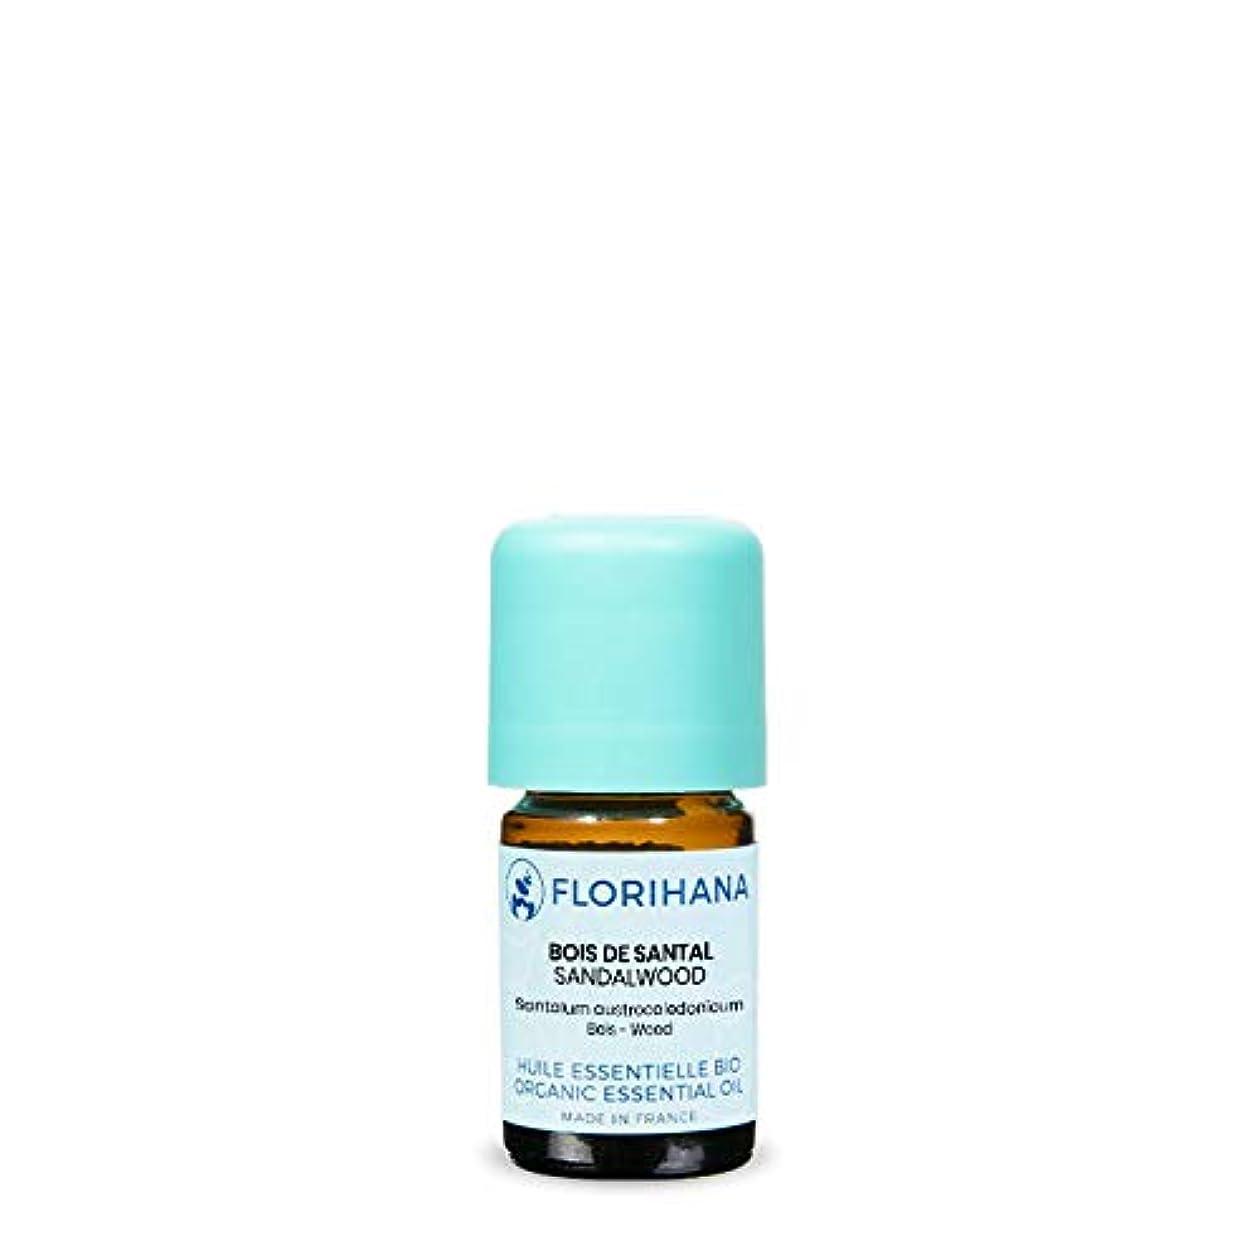 水銀のレインコートチャットFlorihana エッセンシャルオイル サンダルウッド 15g(15.5ml)